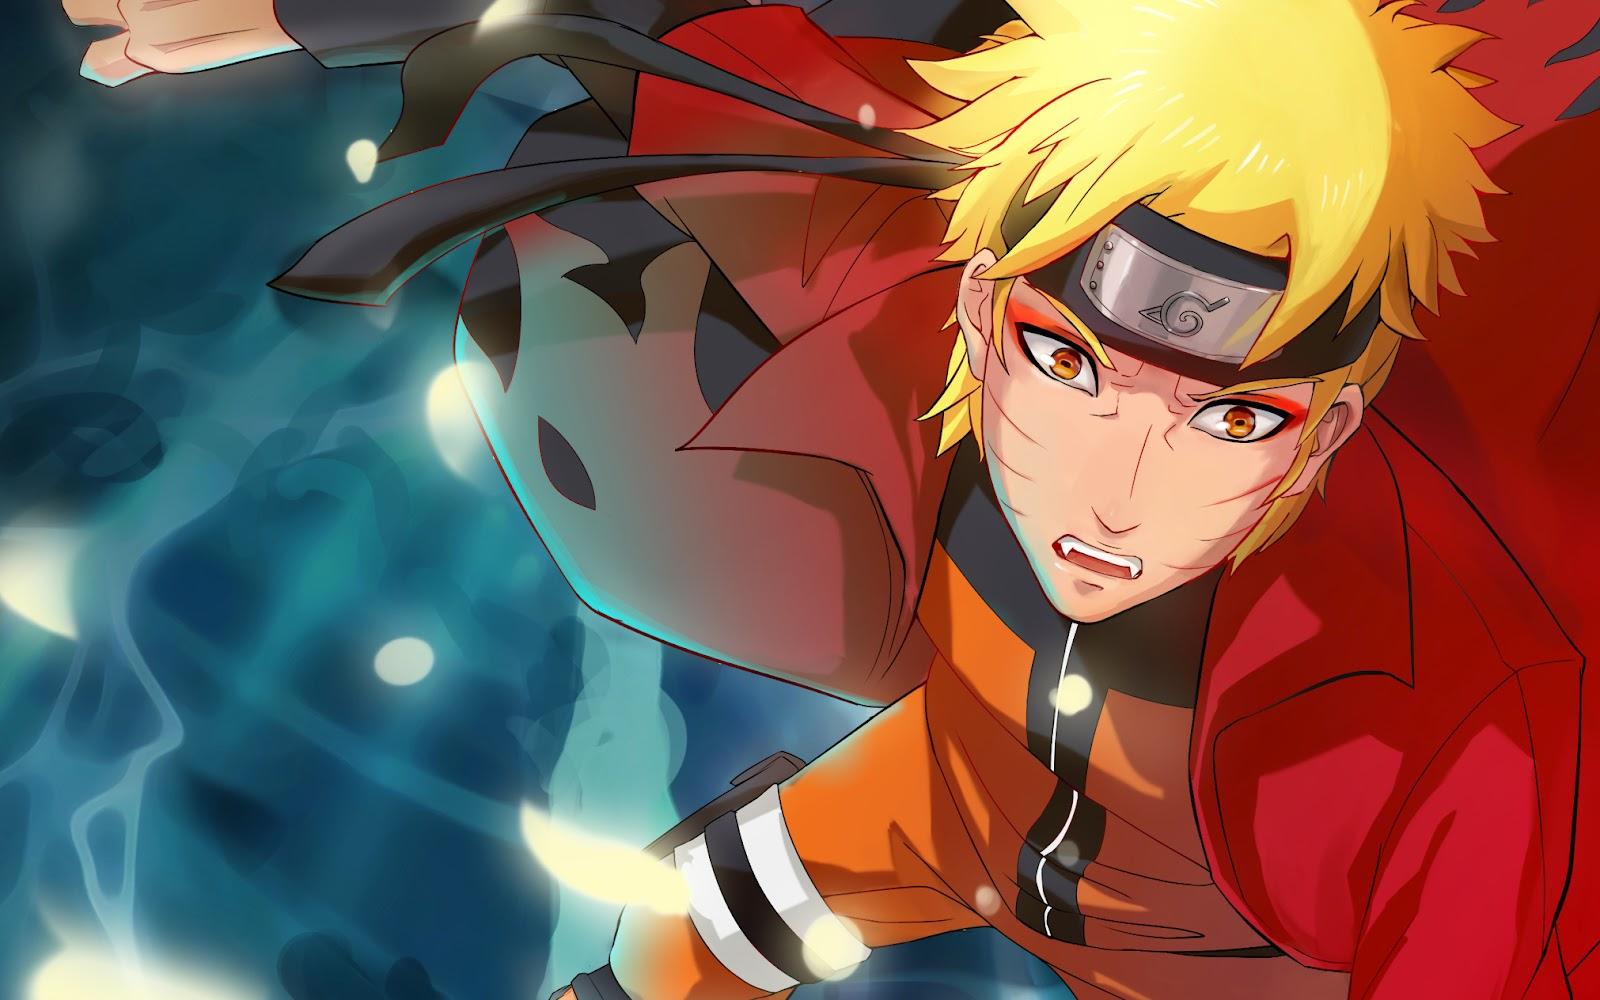 Wallpapers Naruto Shippuden y Naruto 1600x1000